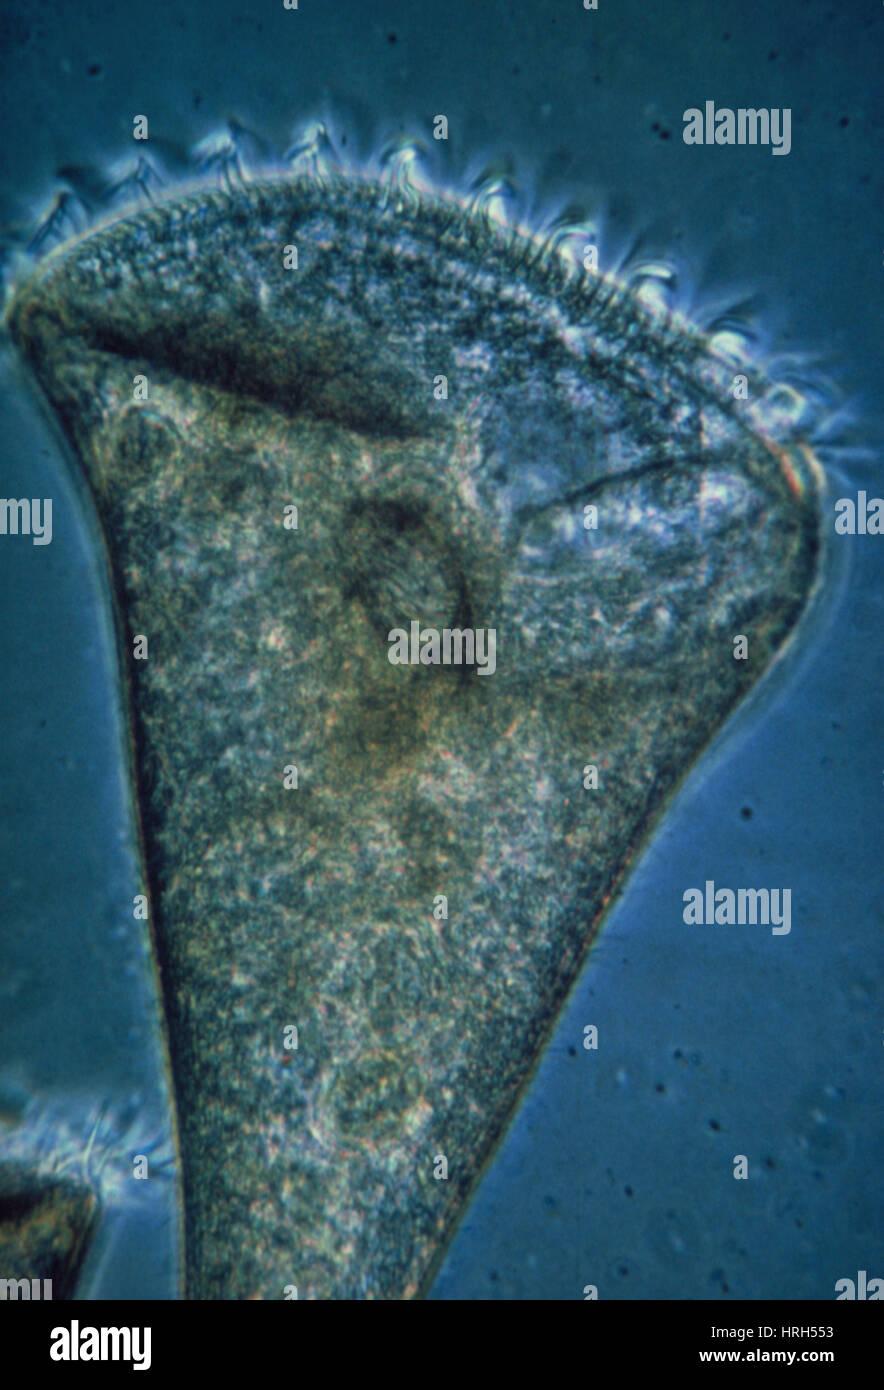 LM di Stentor sp., un protozoo ciliato Immagini Stock